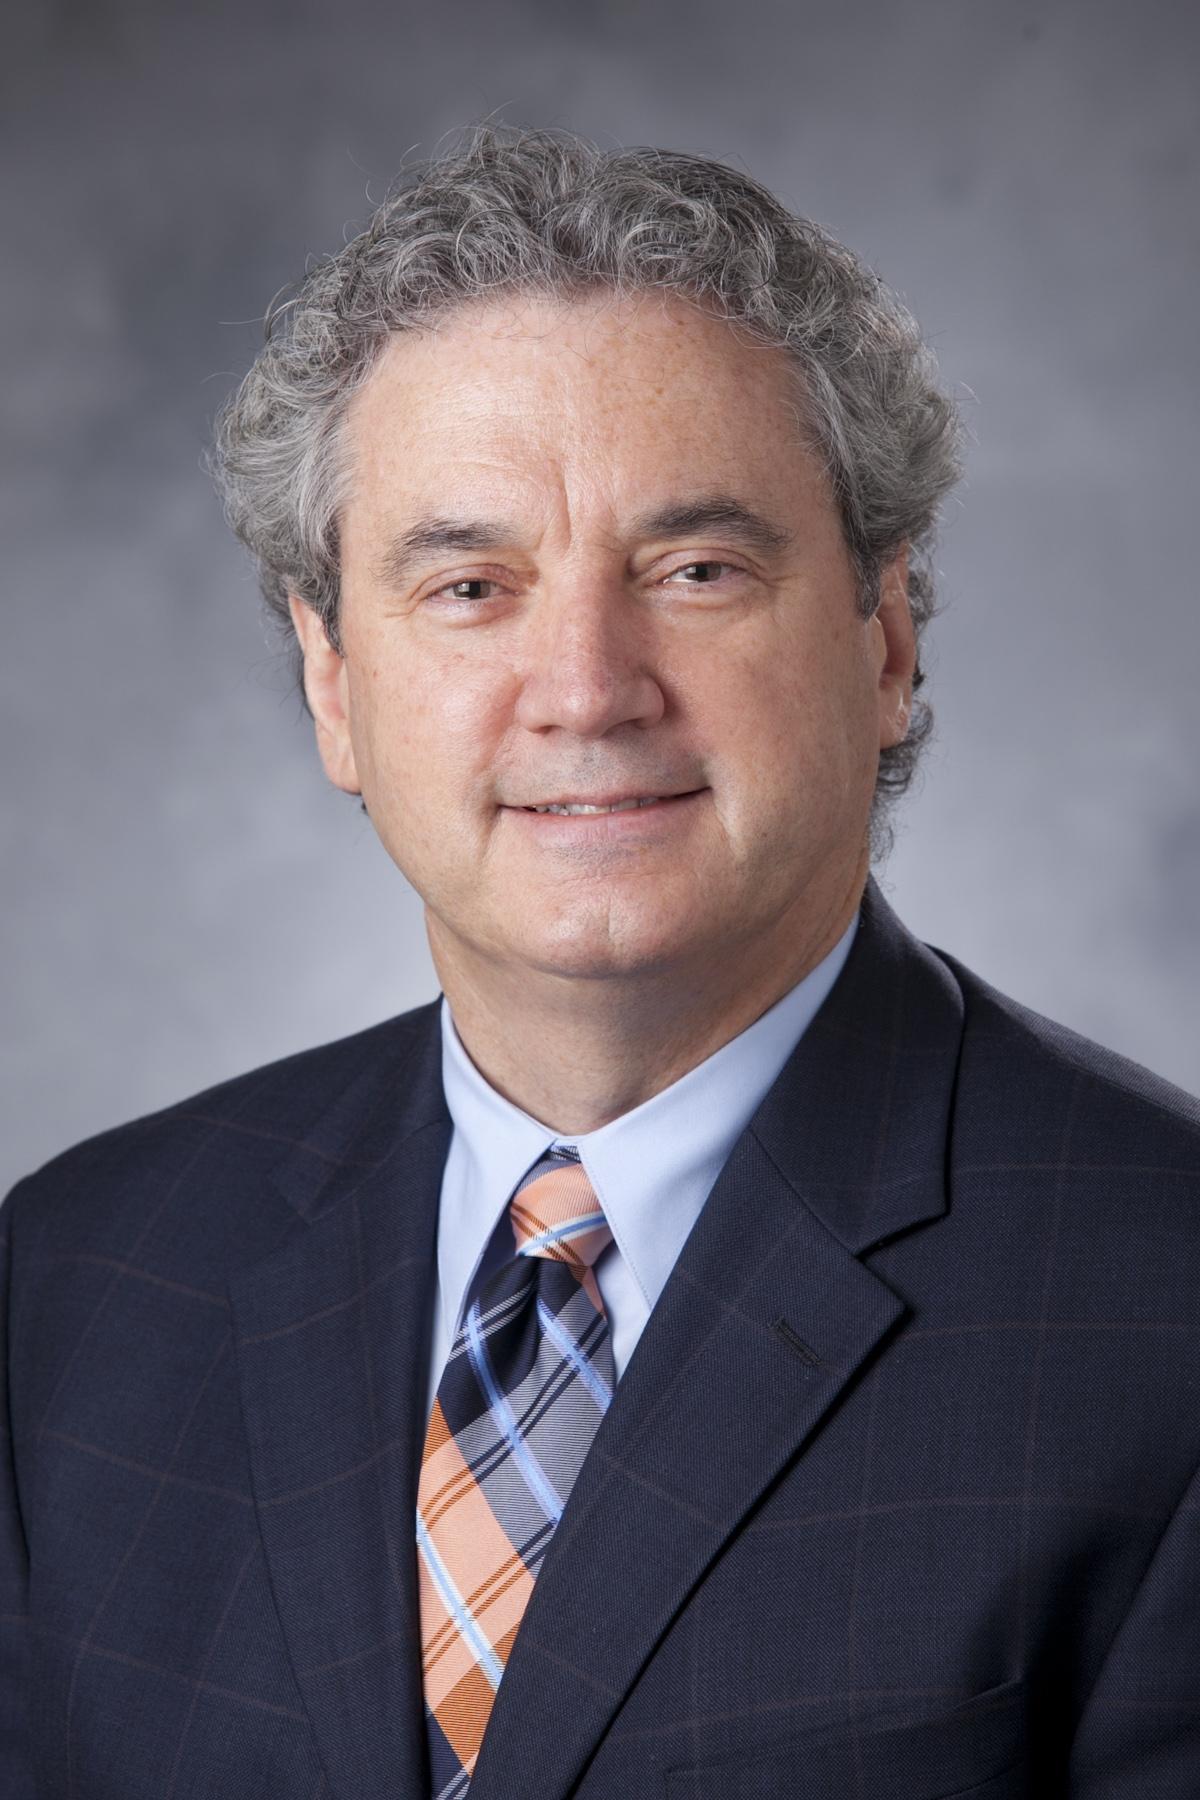 Neil Petry, RPSC President